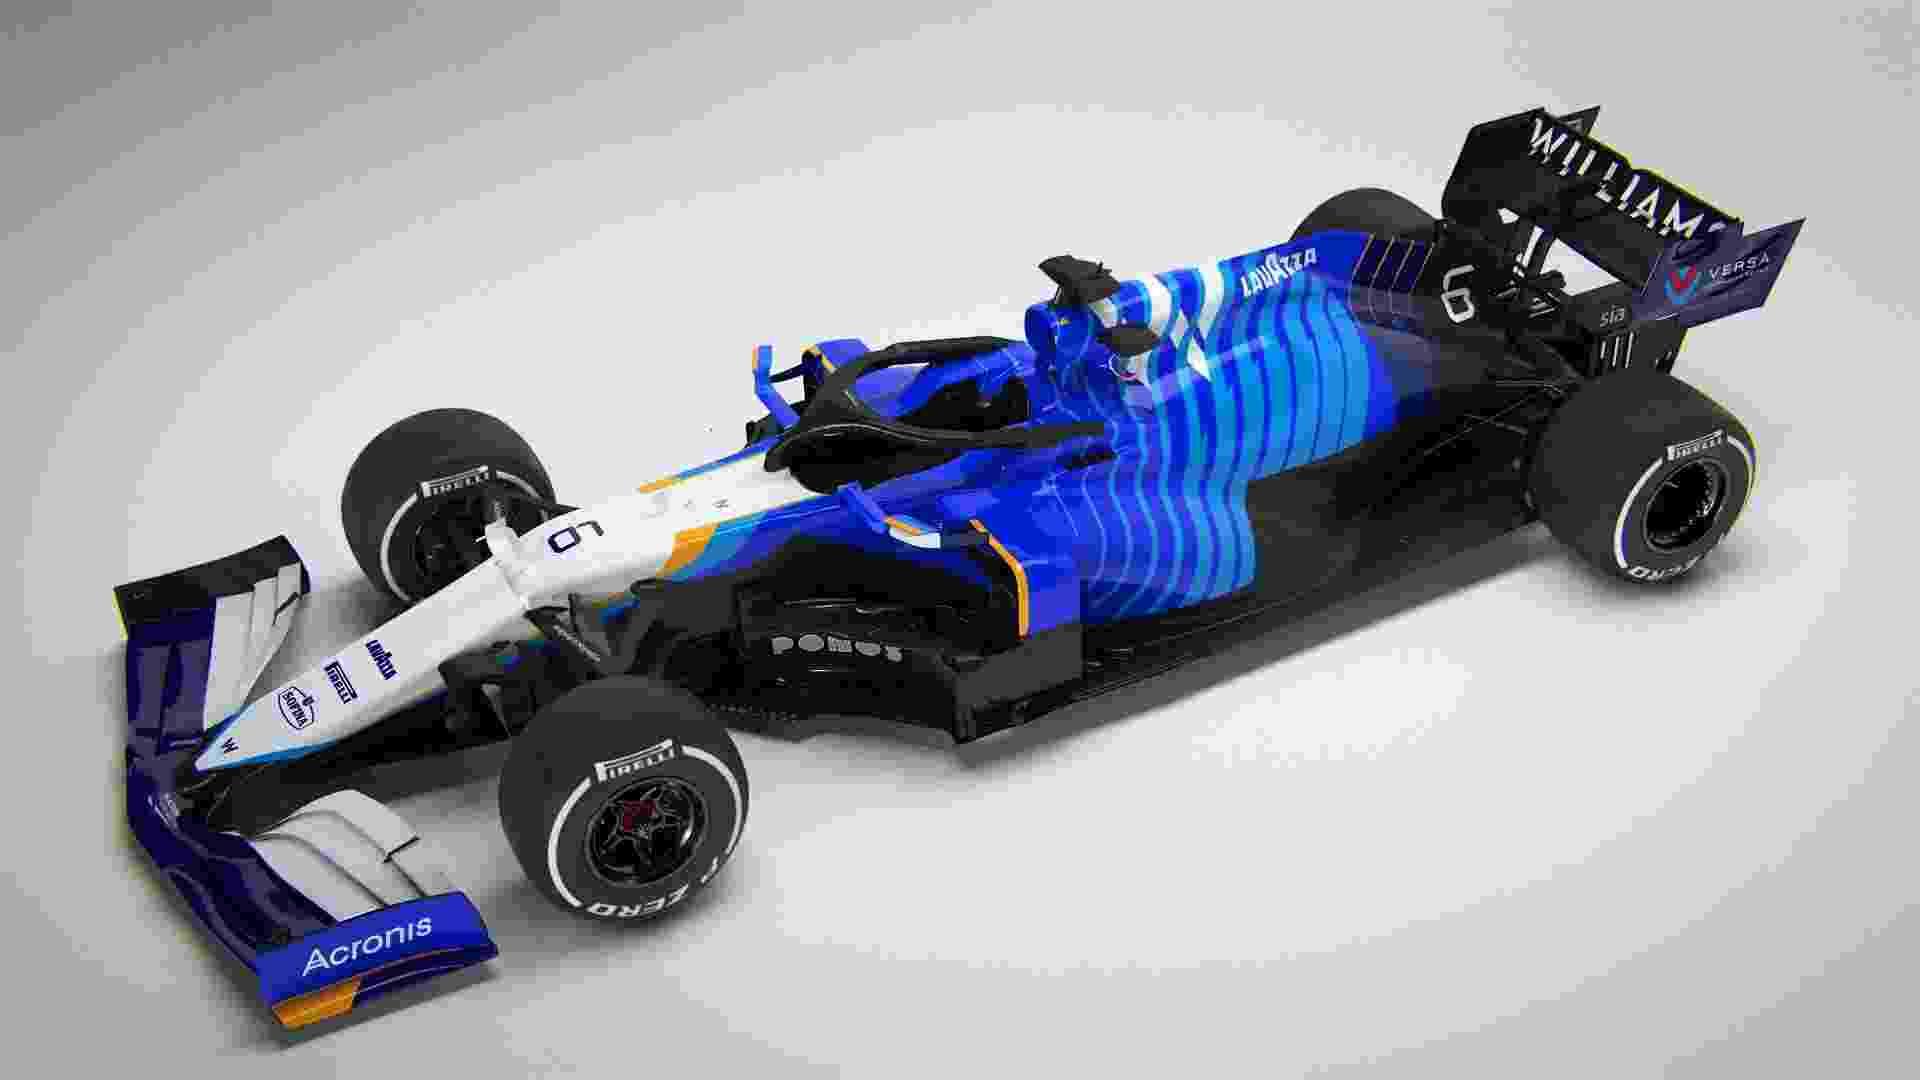 Williams terá George Russell e Nicholas Latifi como pilotos - Divulgação/Williams